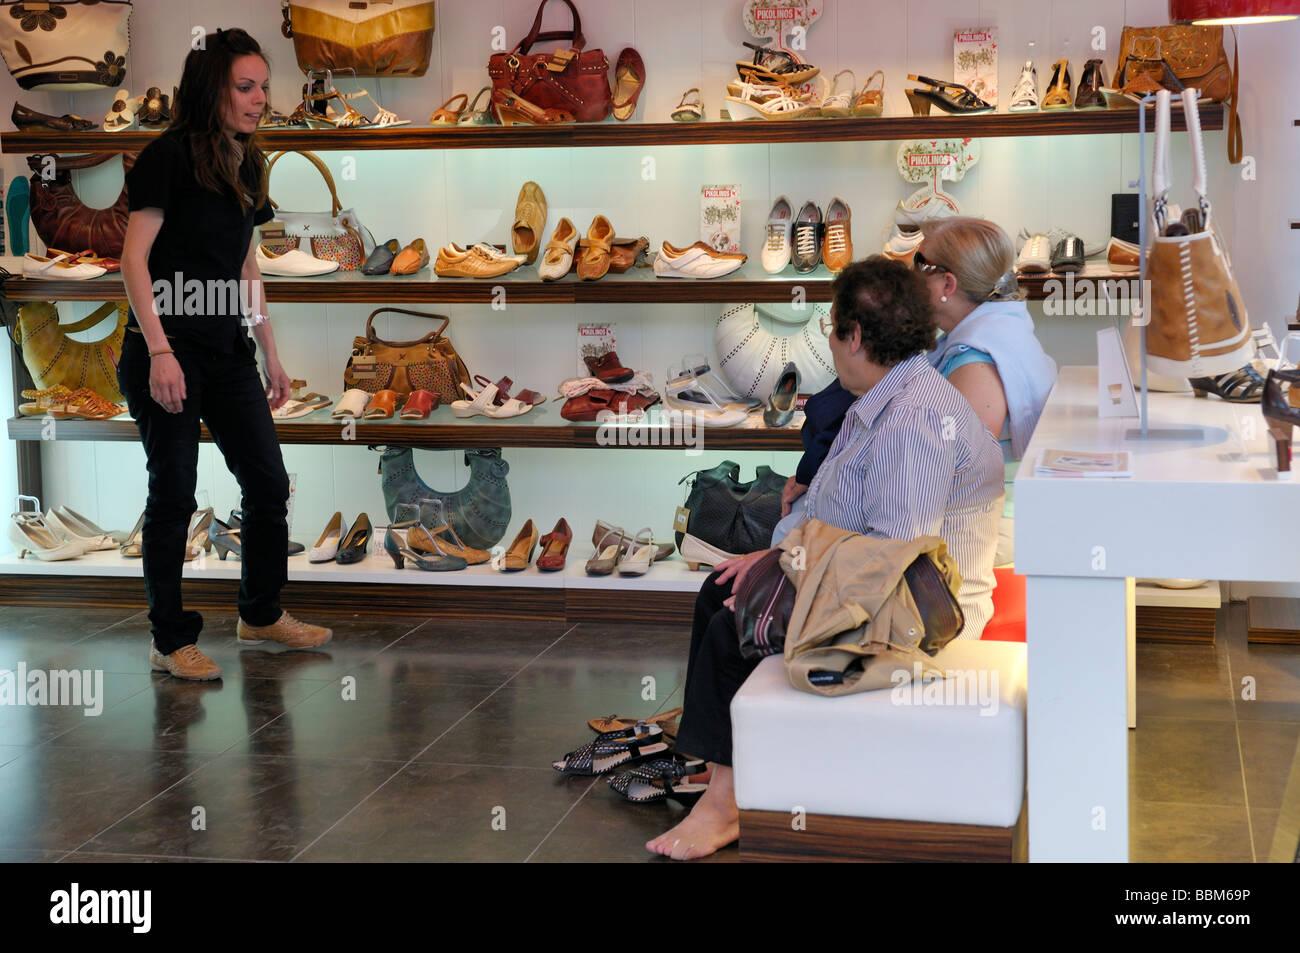 super populaire c26c9 cce85 L'intérieur de magasin de chaussures femme vente chaussures ...